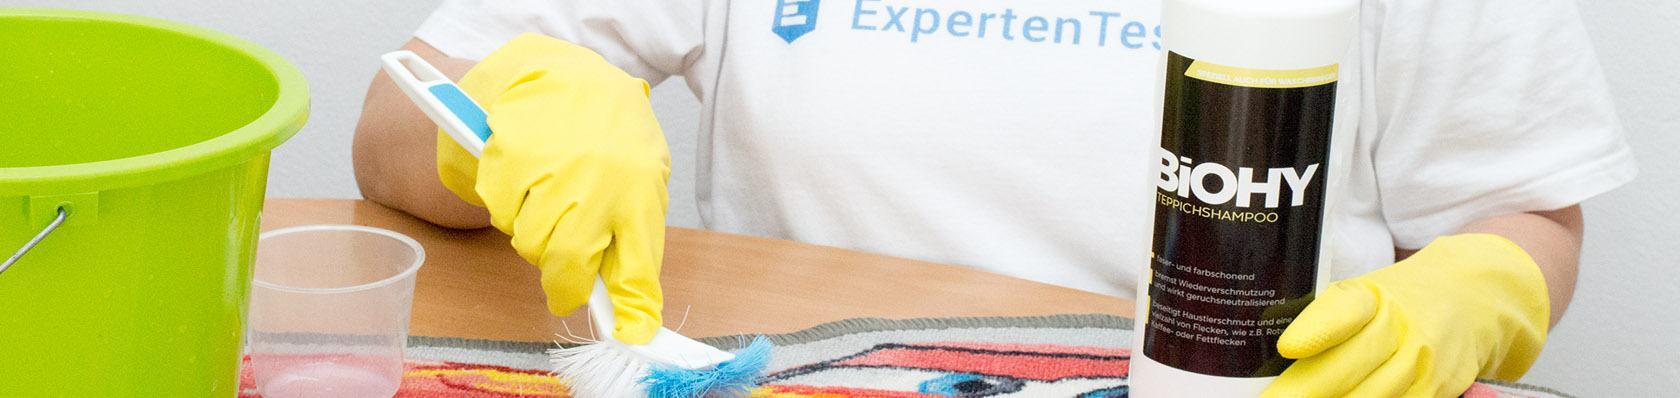 Teppichreiniger  im Test auf ExpertenTesten.de